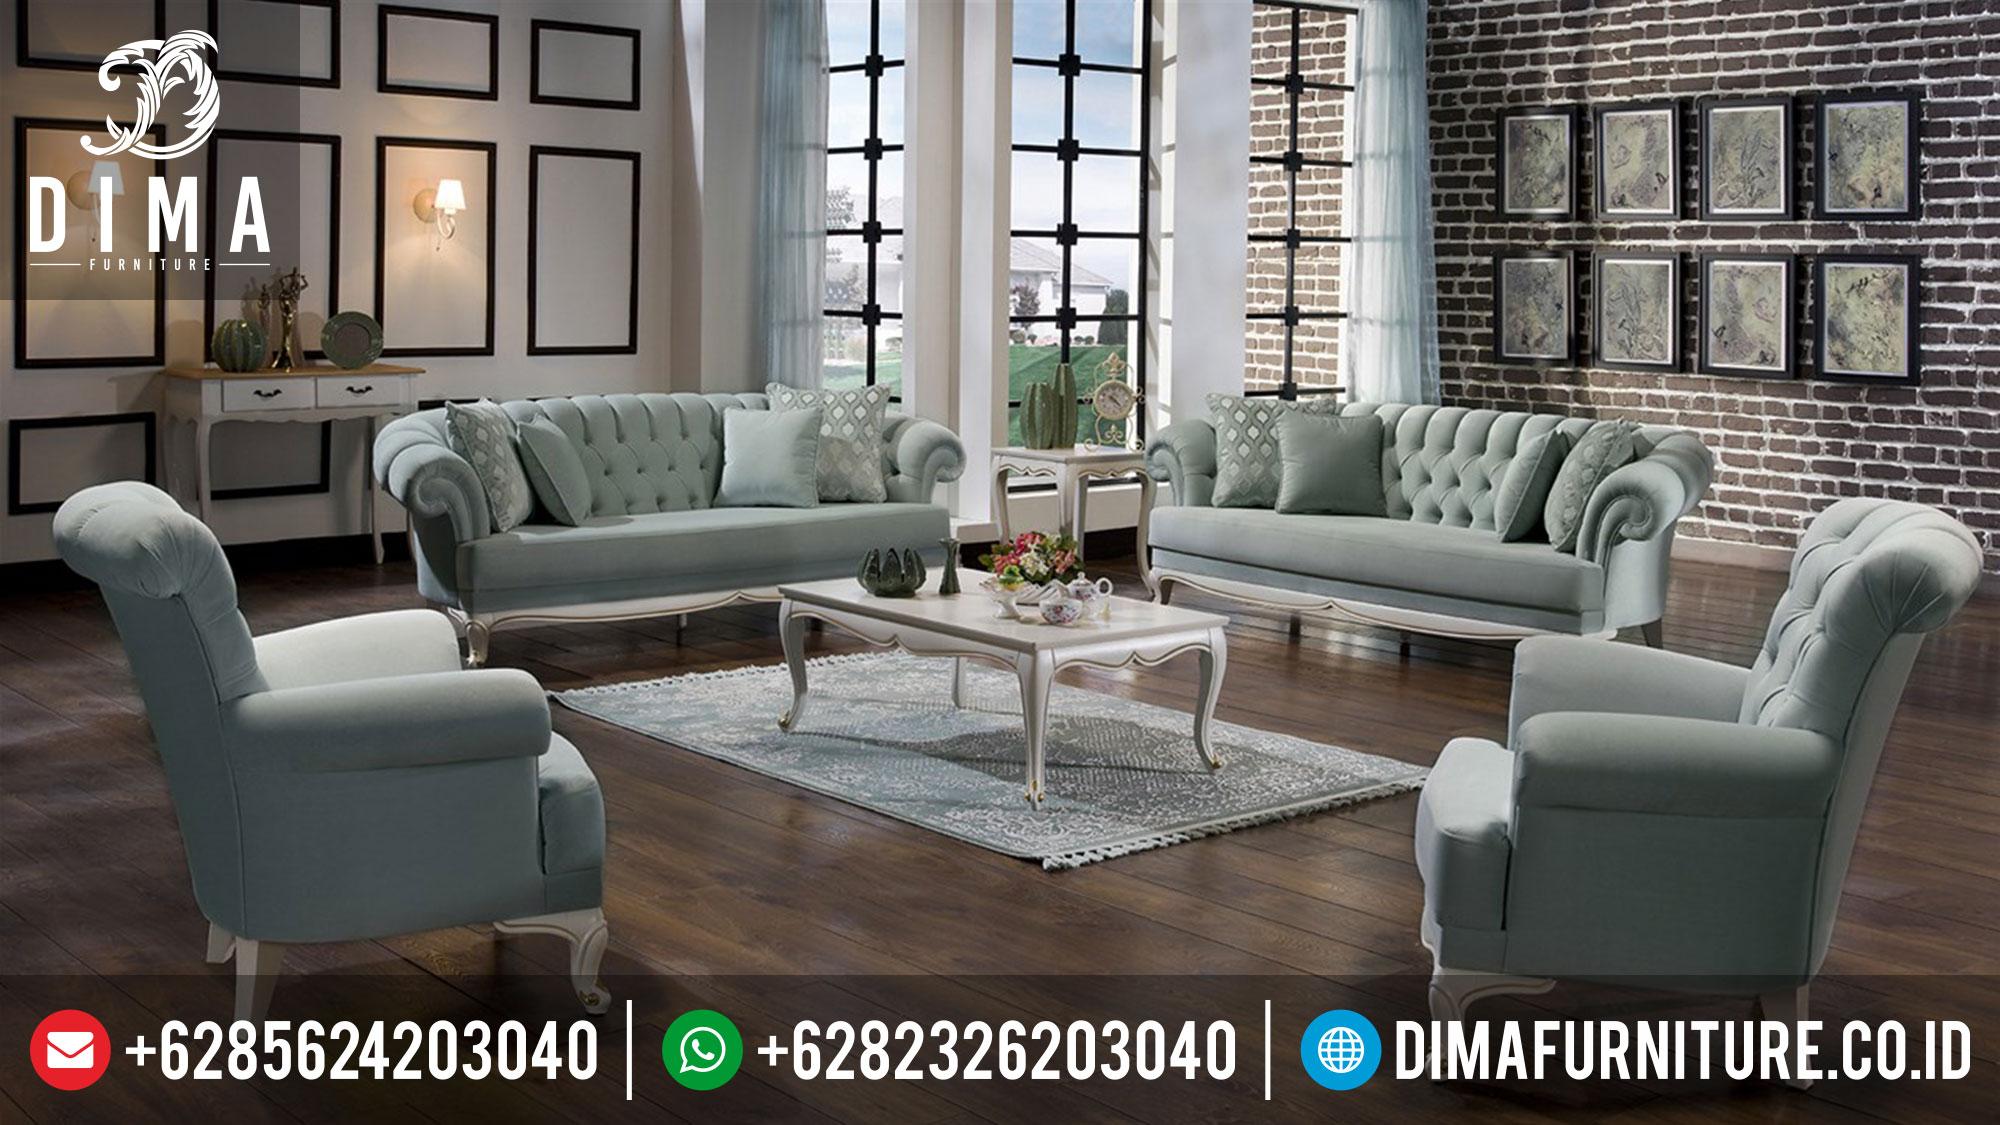 Jual 1 Set Sofa Tamu Minimalis Mewah Terbaru Jepara Lisbon ST-0380 Gambar 1